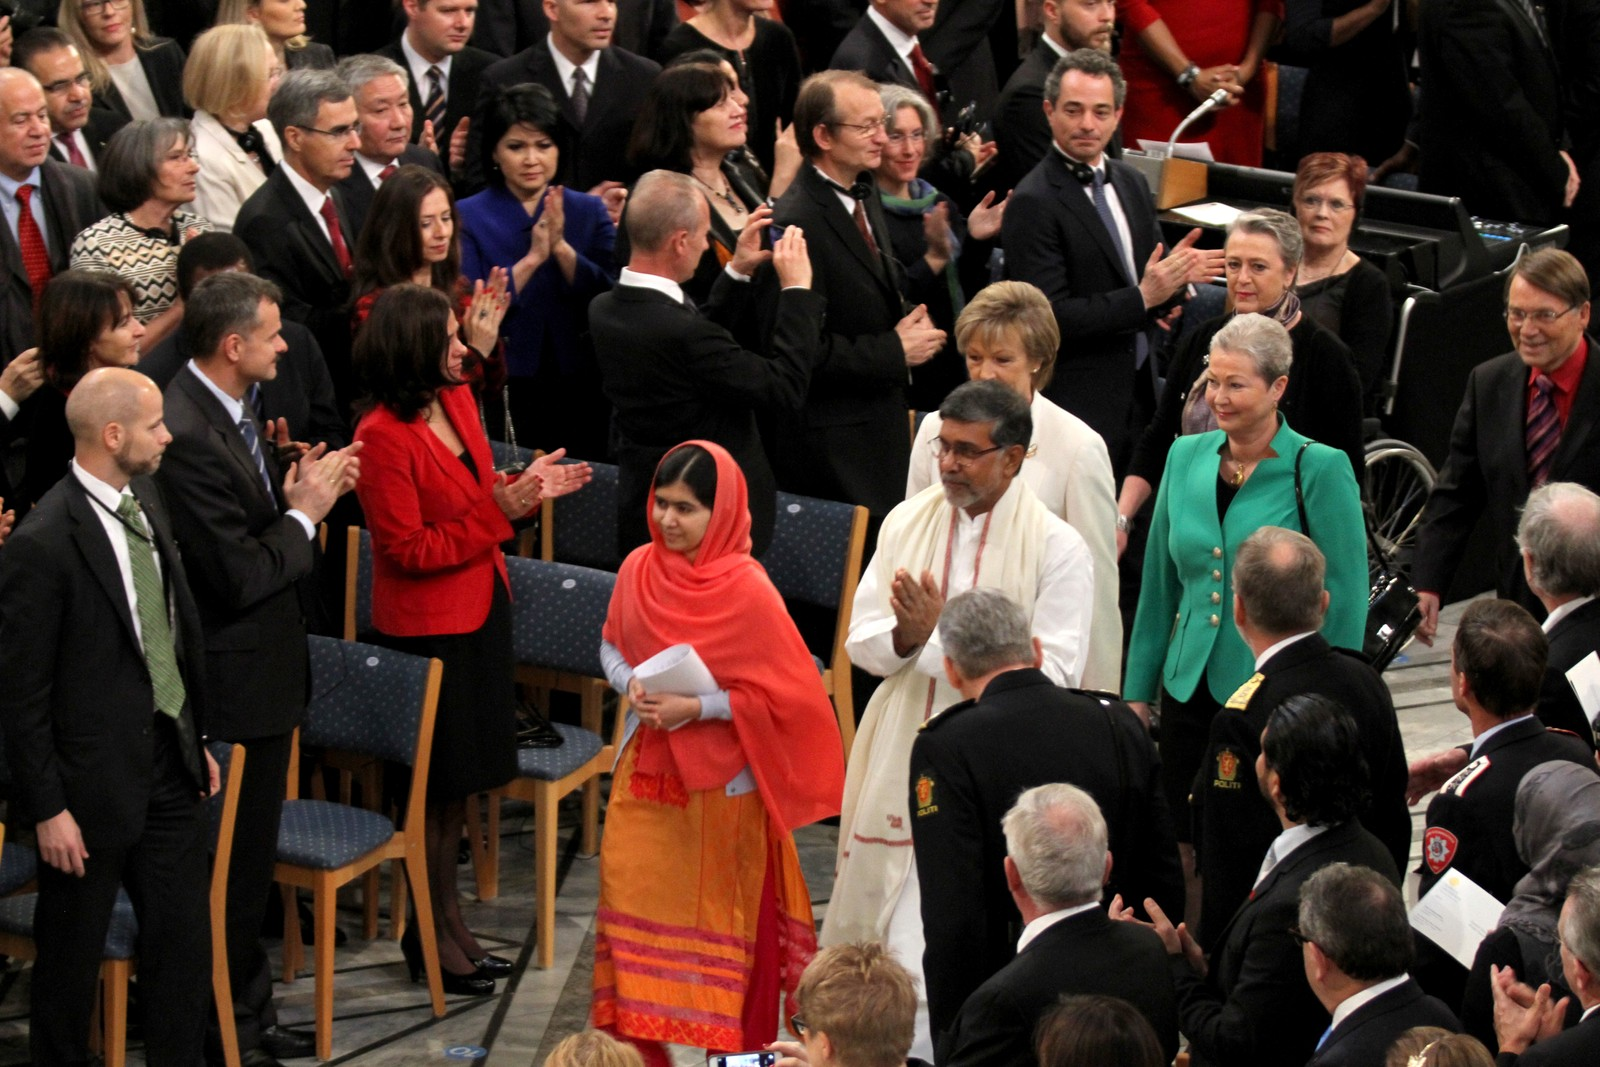 VINNERE: Årets vinnere ankommer rådhuset sammen med Nobelkomiteens medlemmer.